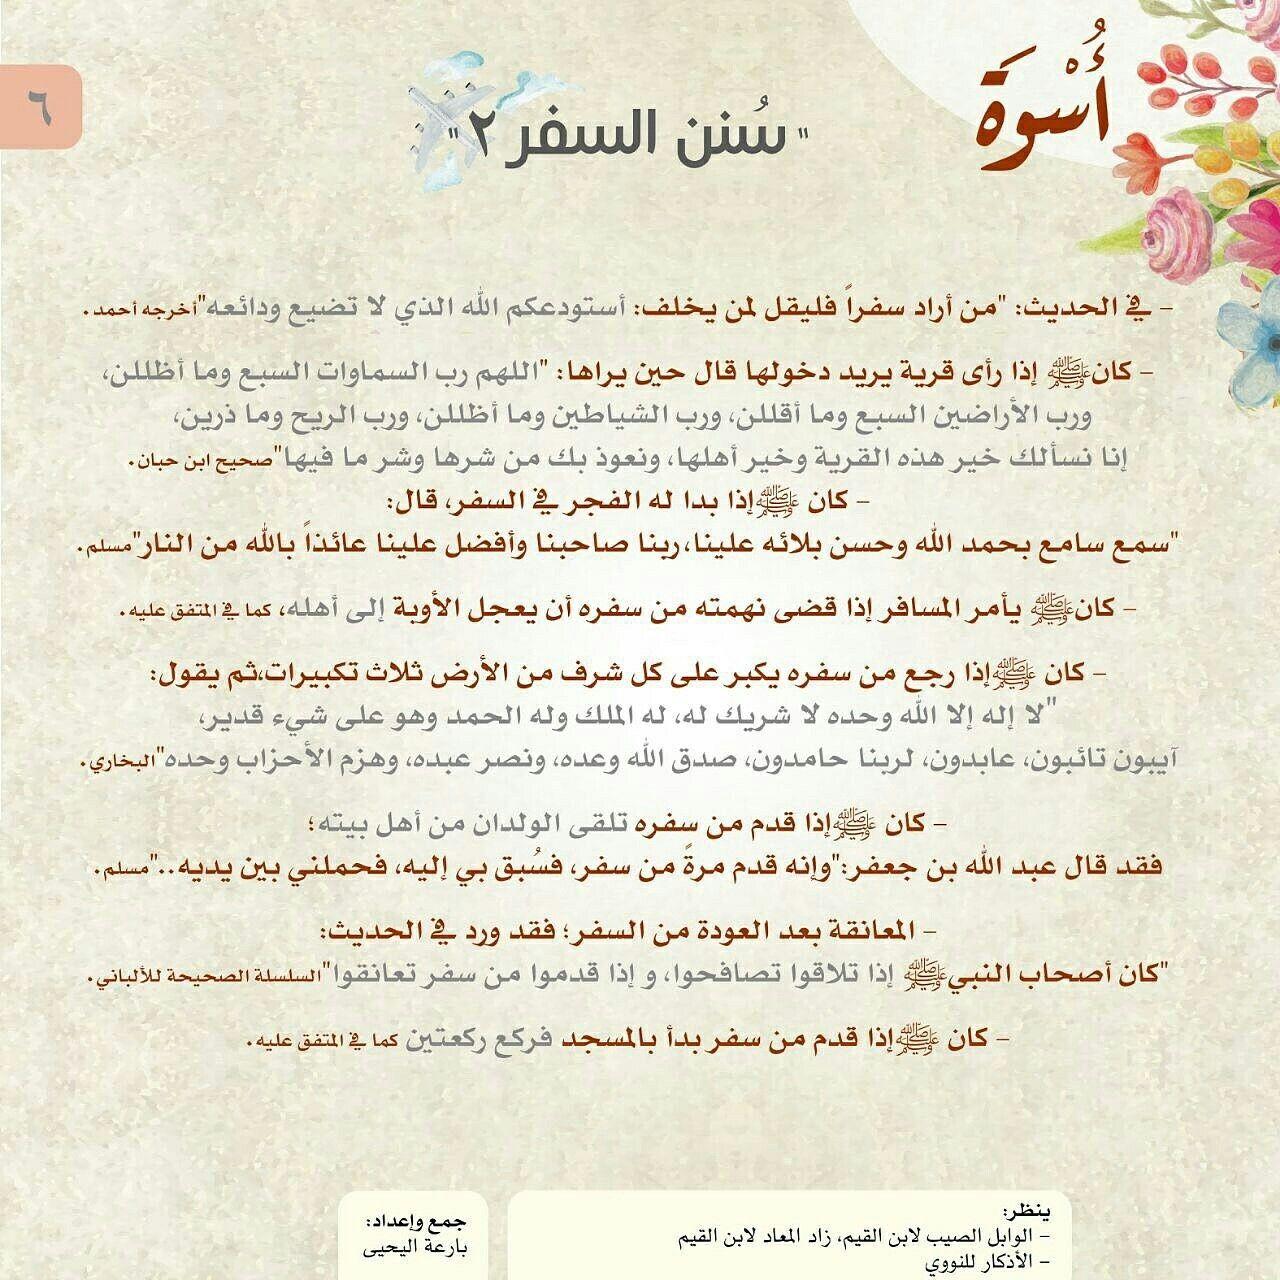 سنن السفر Quran Bullet Journal Journal